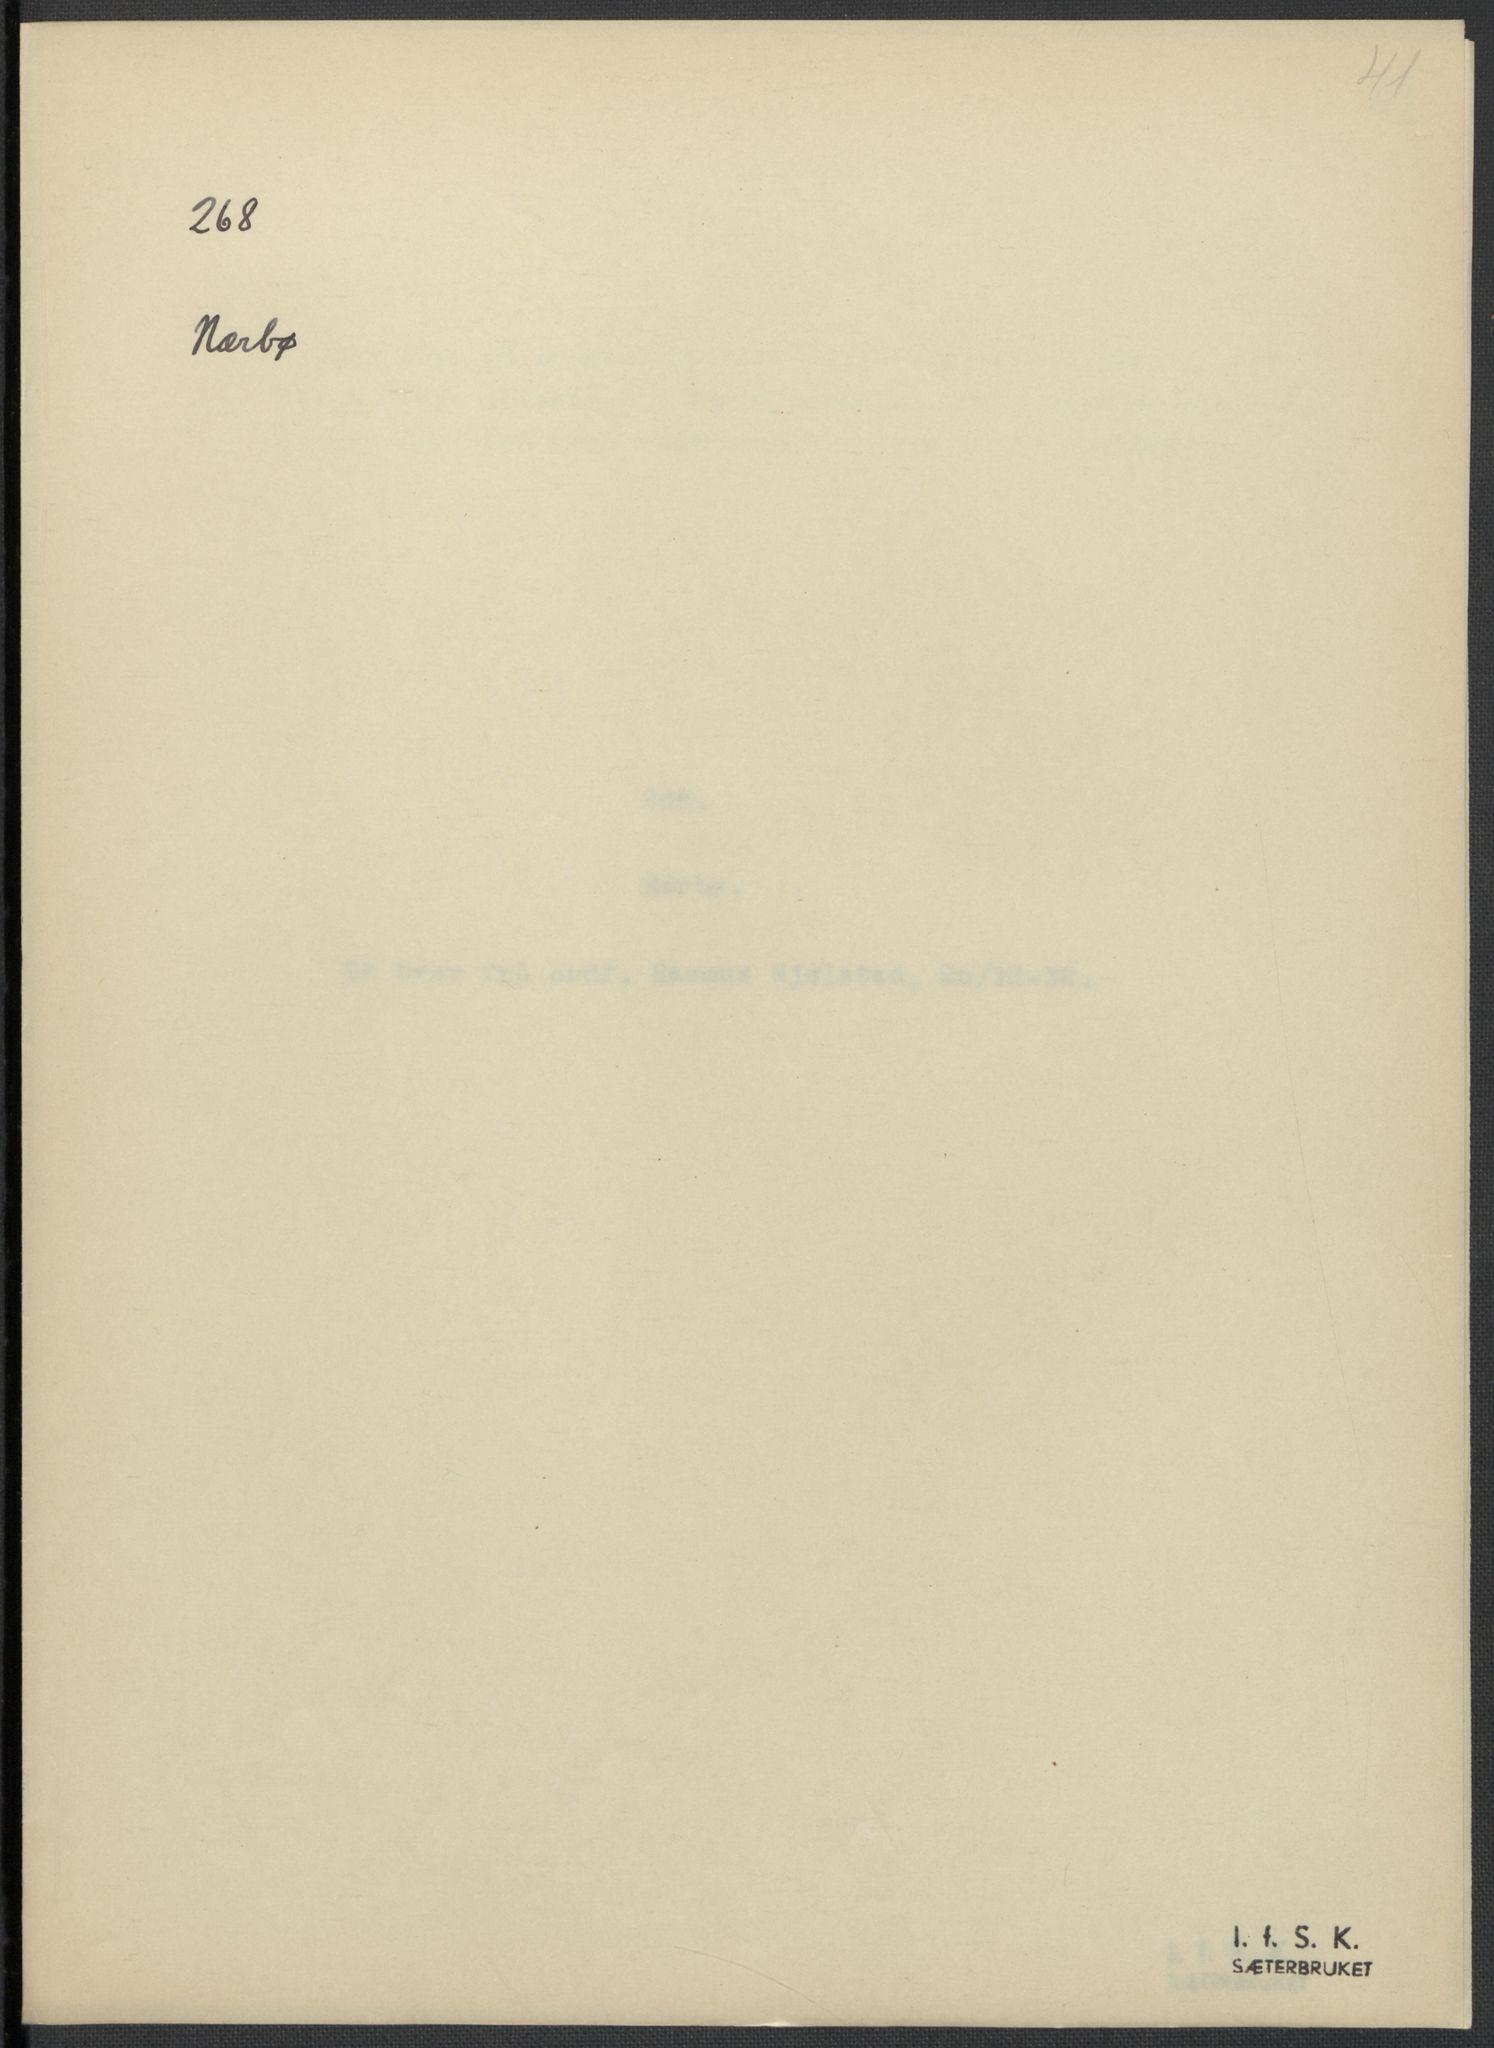 RA, Instituttet for sammenlignende kulturforskning, F/Fc/L0009: Eske B9:, 1932-1935, s. 41